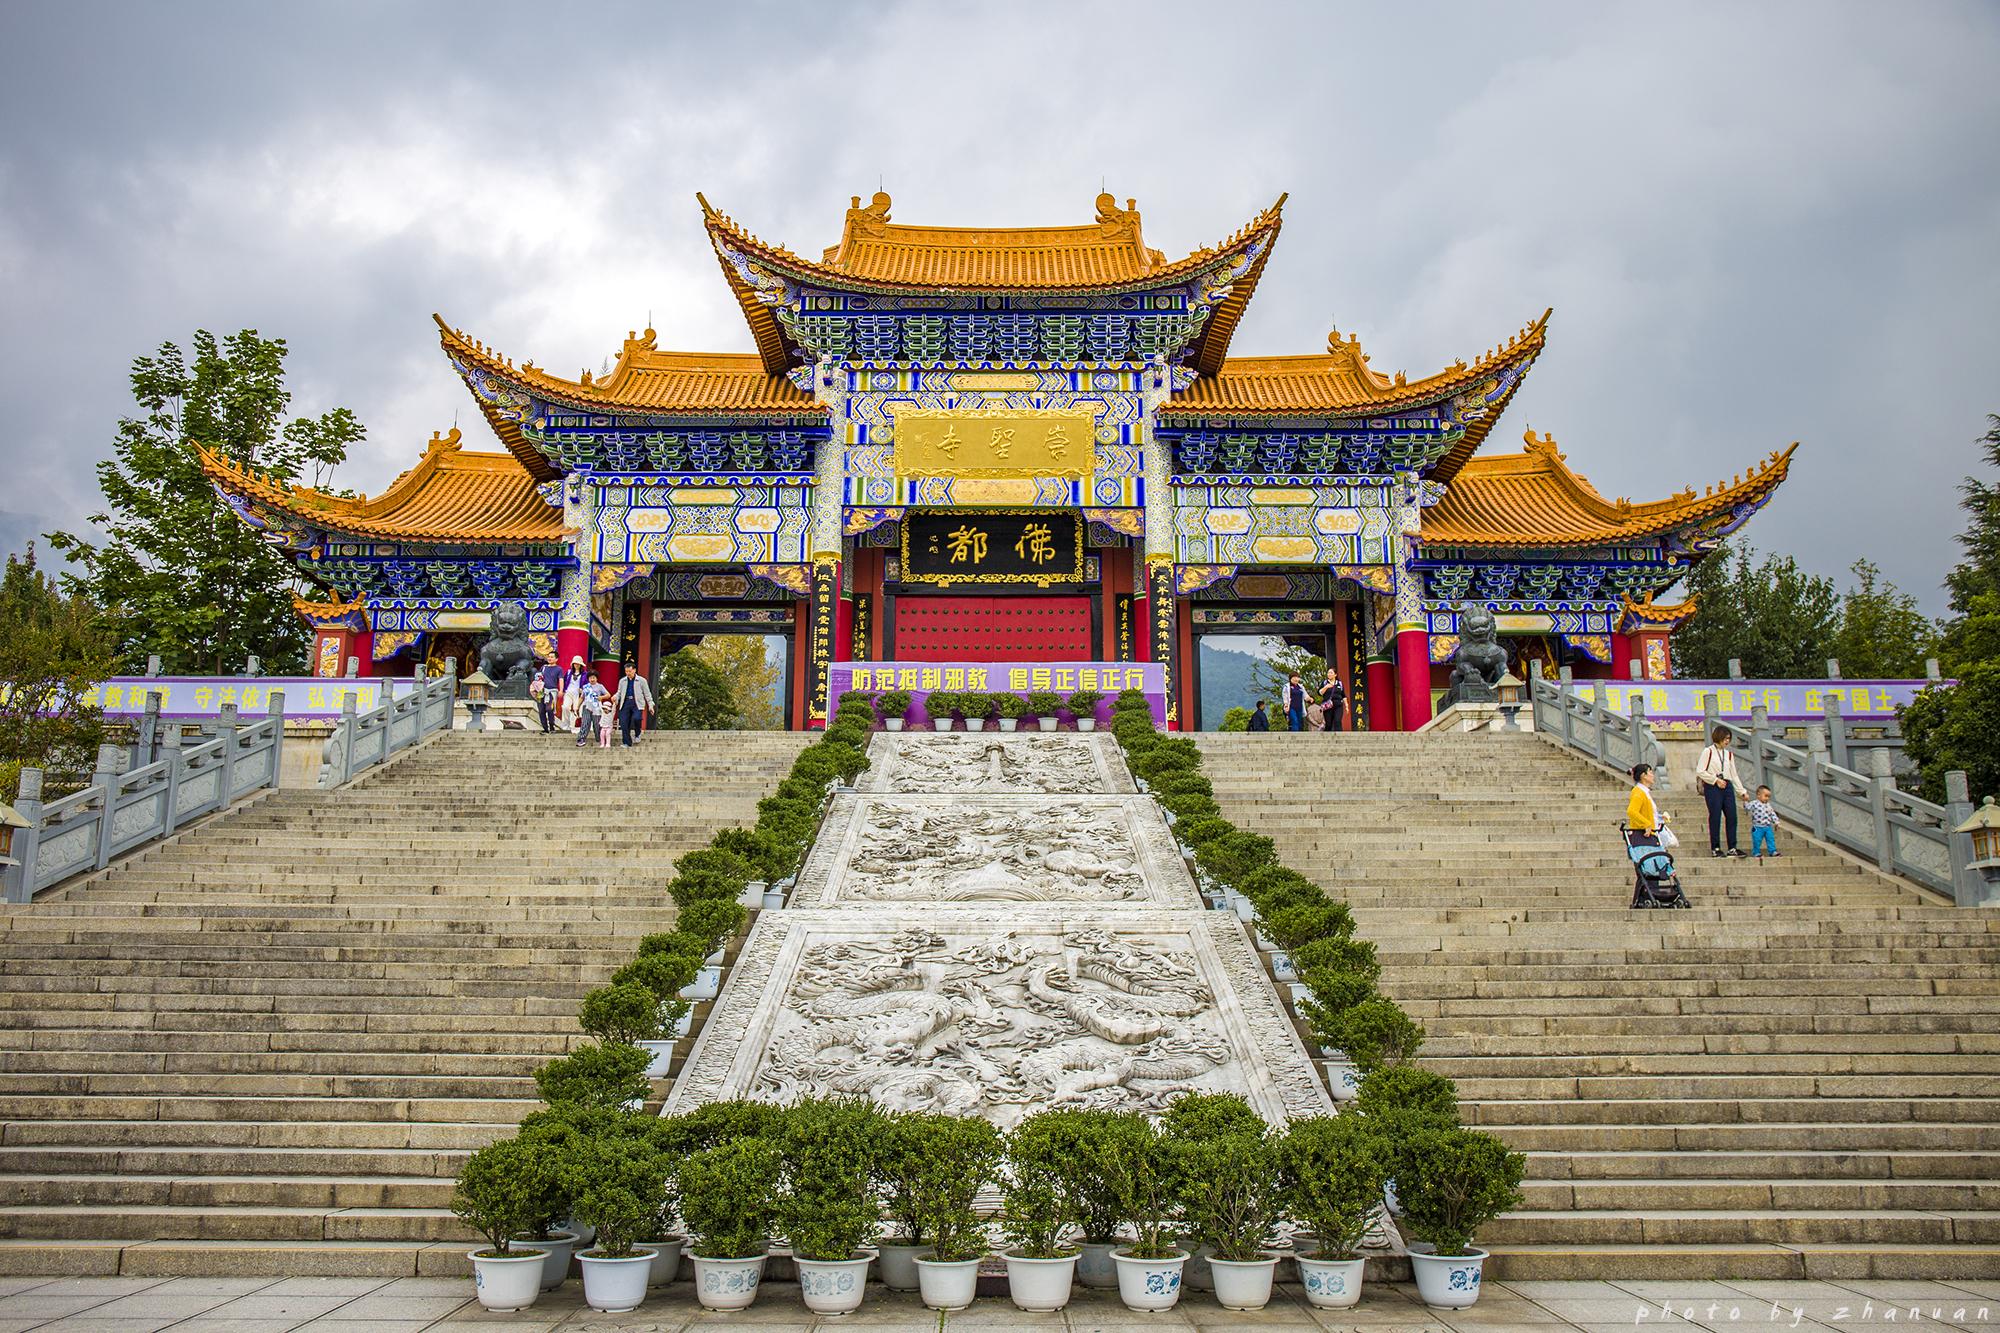 闯入金庸笔下的天龙寺,缘何9位帝王出家于此?